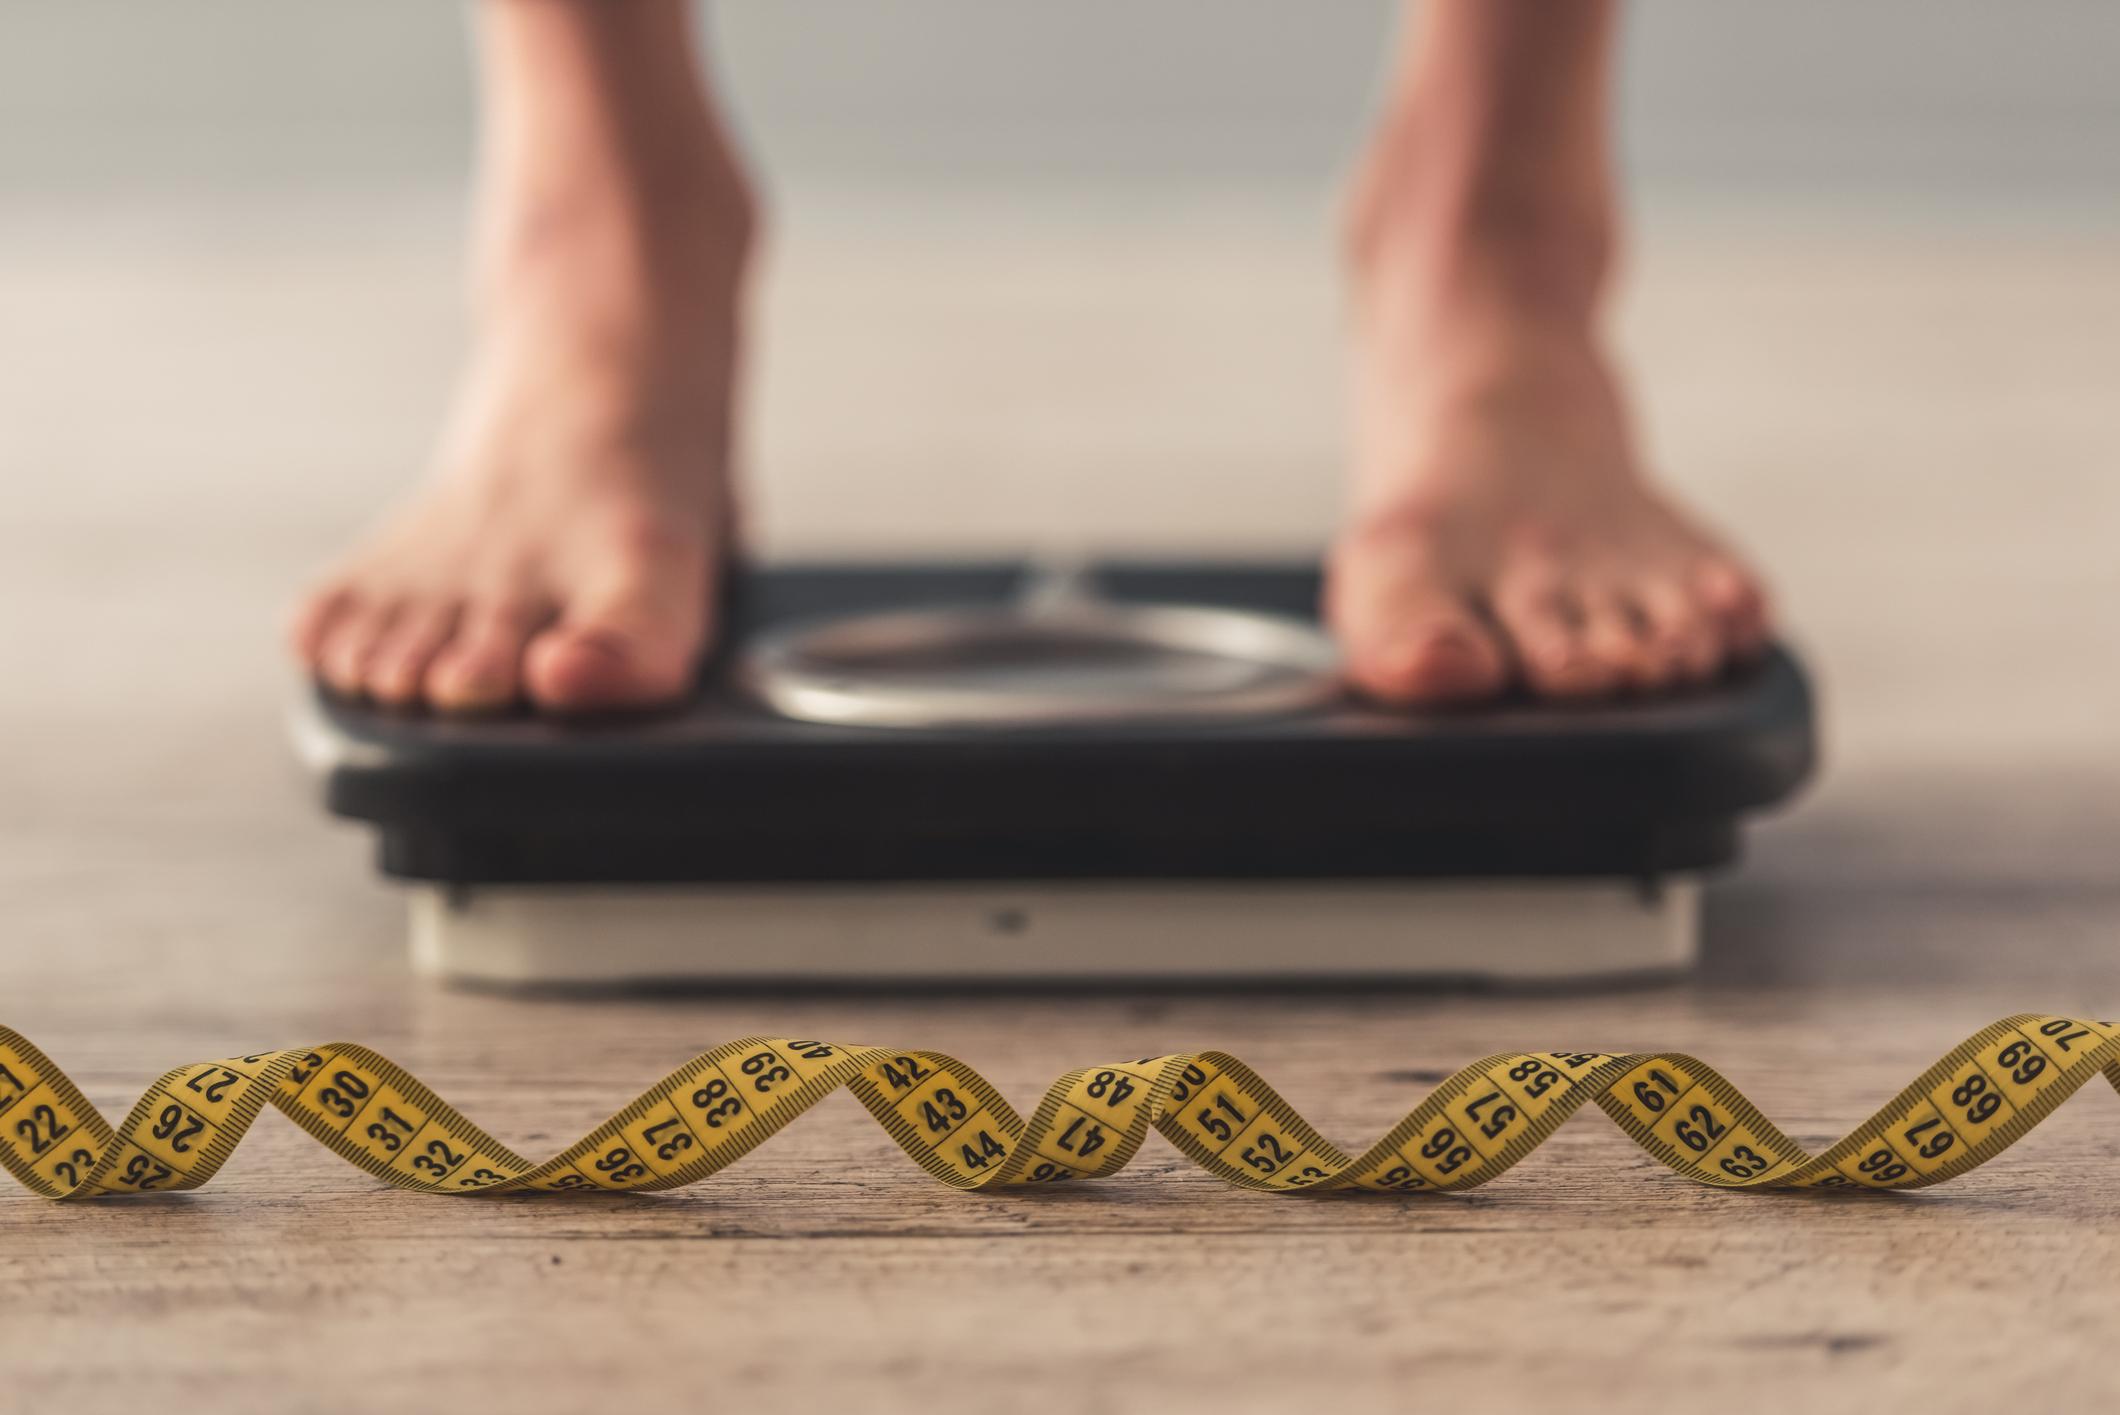 cel mai bun mod de a măsura pierderea în greutate)